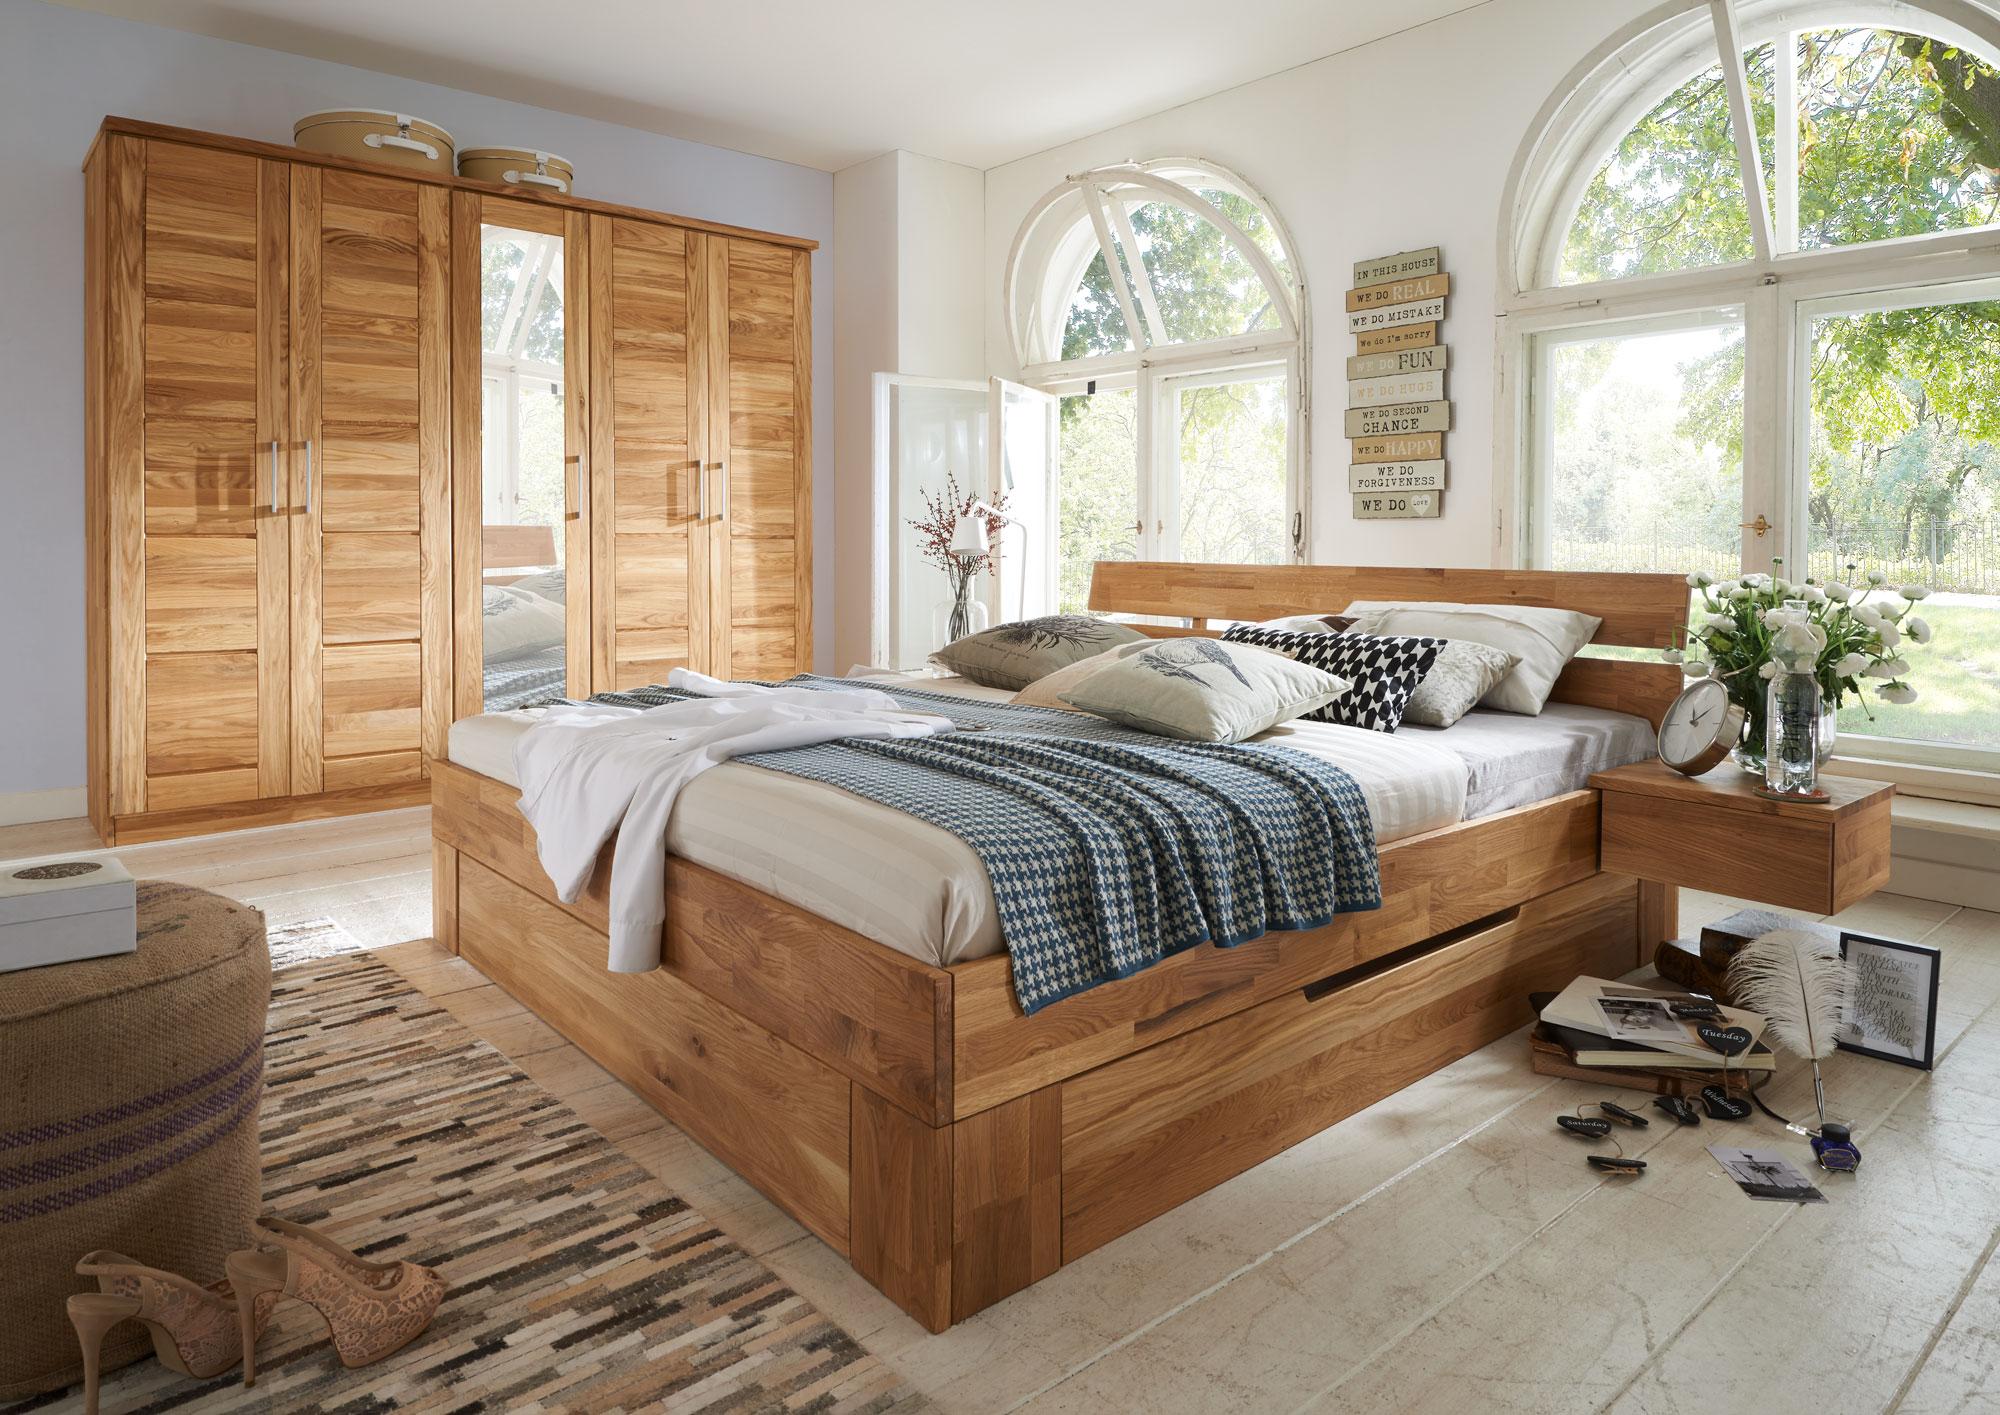 Schlafzimmer Wildeiche Massiv NECST, Bild 1